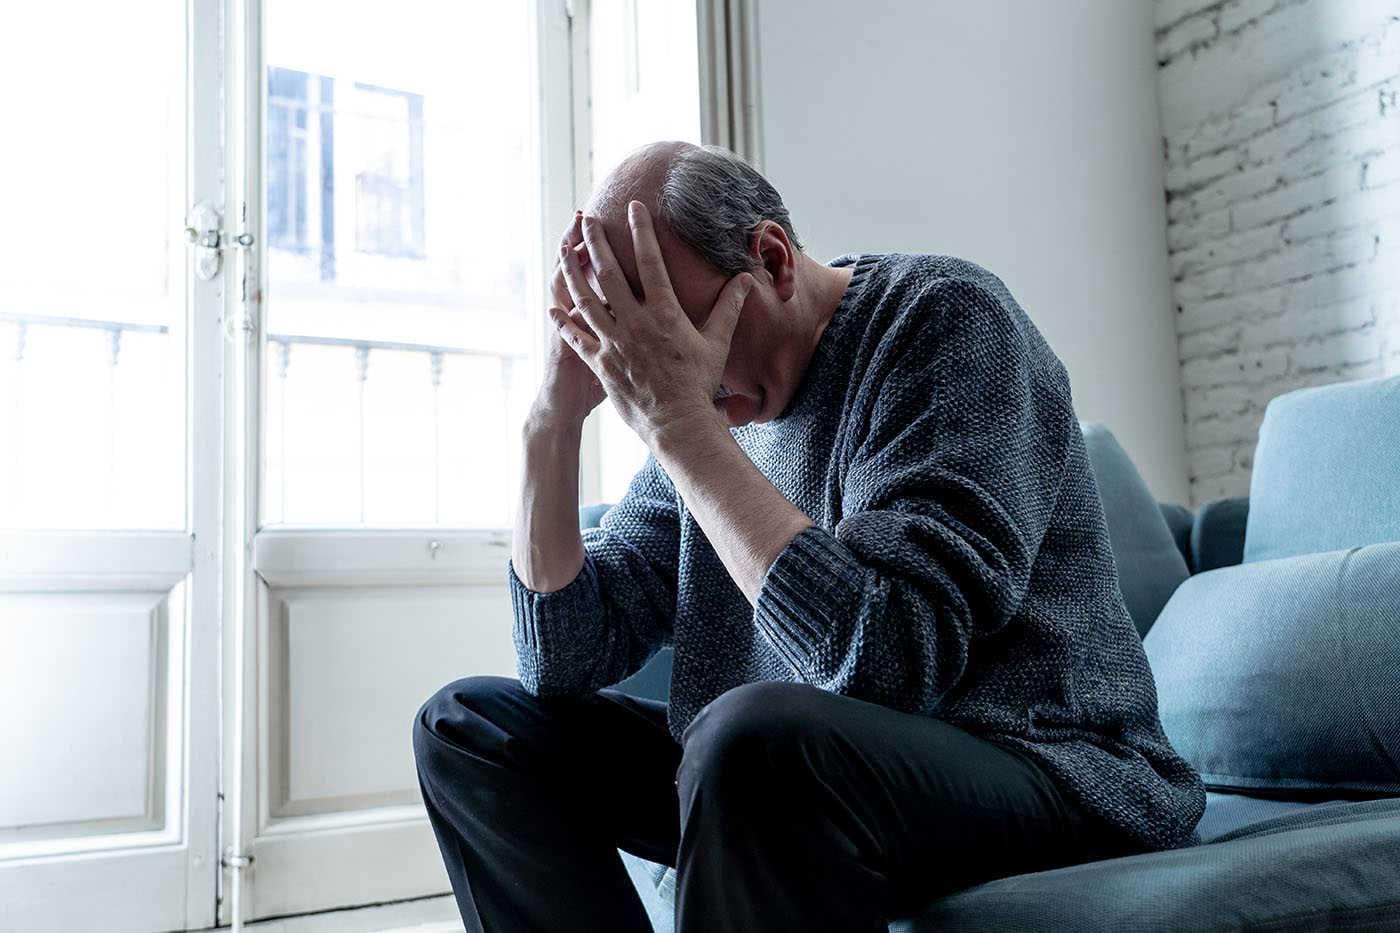 Tristețe fără motiv? Cauze posibile și remedii